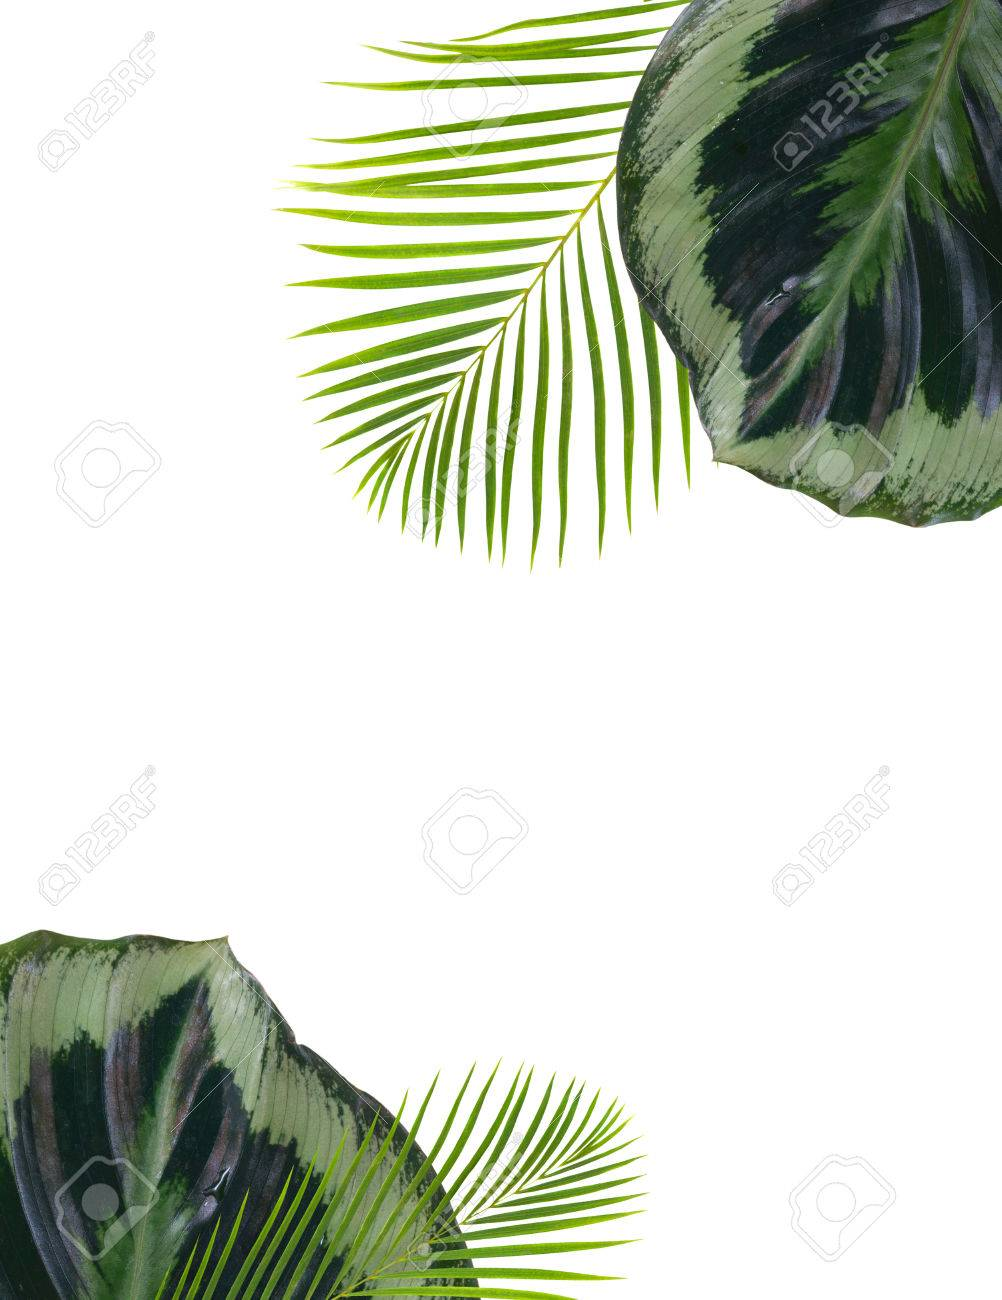 Mezcla De Fresco Exóticas Exóticas Hojas Tropicales Marco Sobre ...